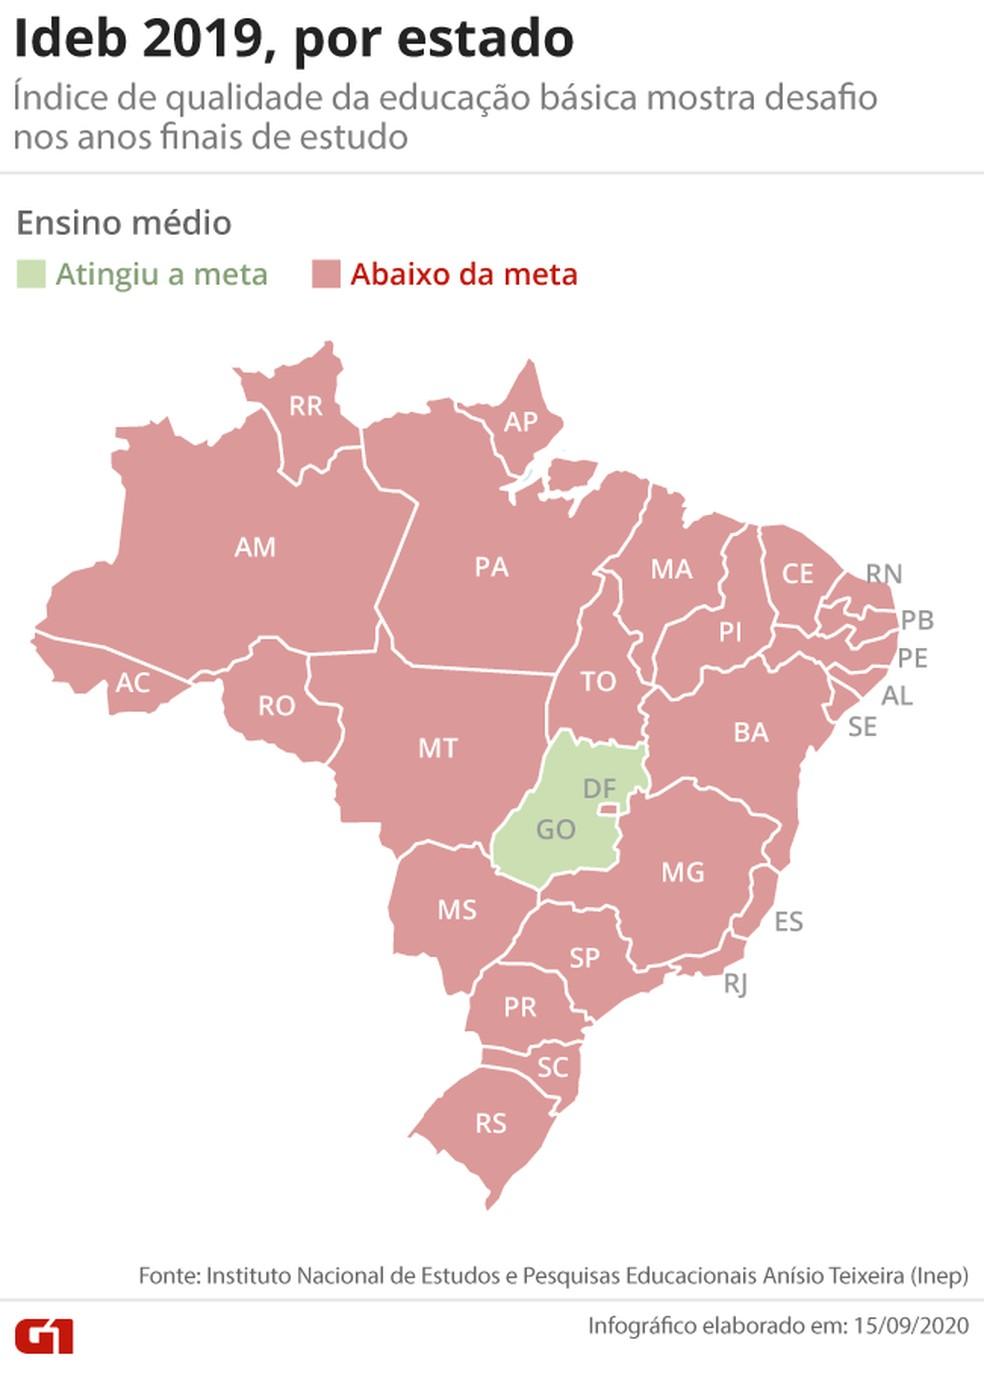 Mapa mostra que, exceto Goiás, estas brasileiros não atingiram a meta do ensino médio no Ideb — Foto: Arte/G1